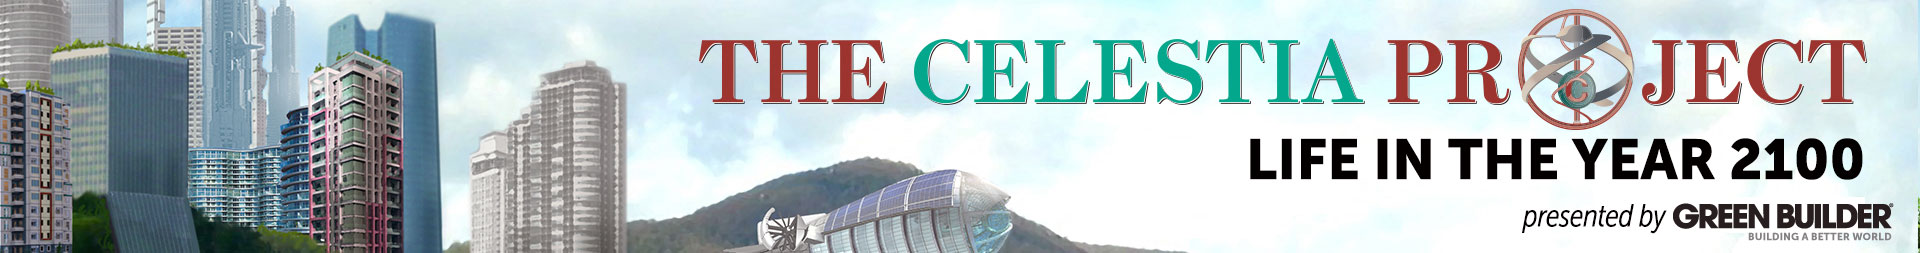 Web_Banner-Celestia.jpg